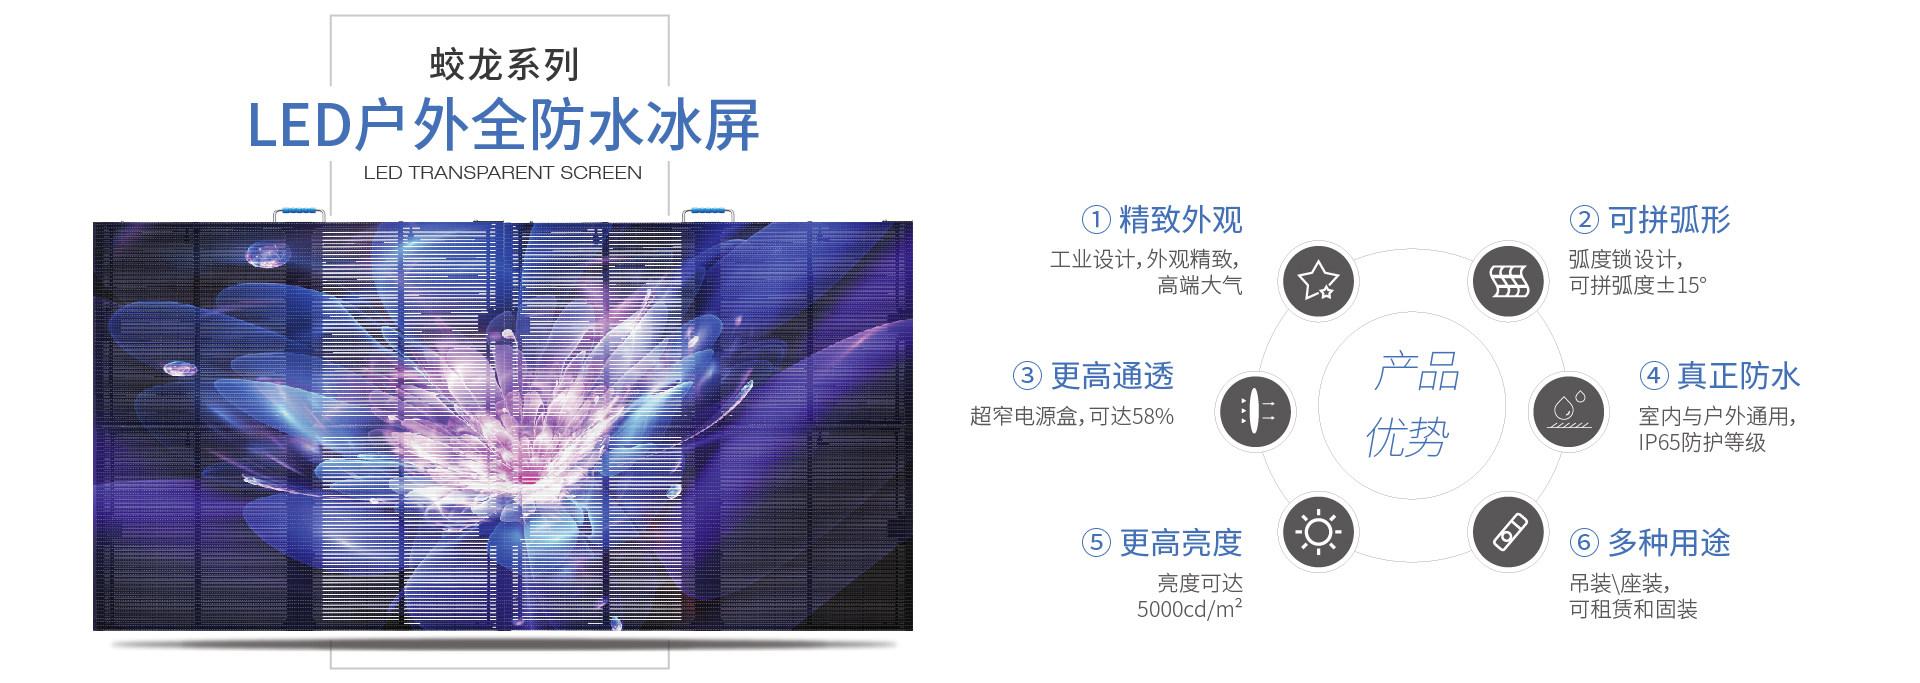 LED透明屏在市场应用中的痛点,中润光电的解决方案送给您!